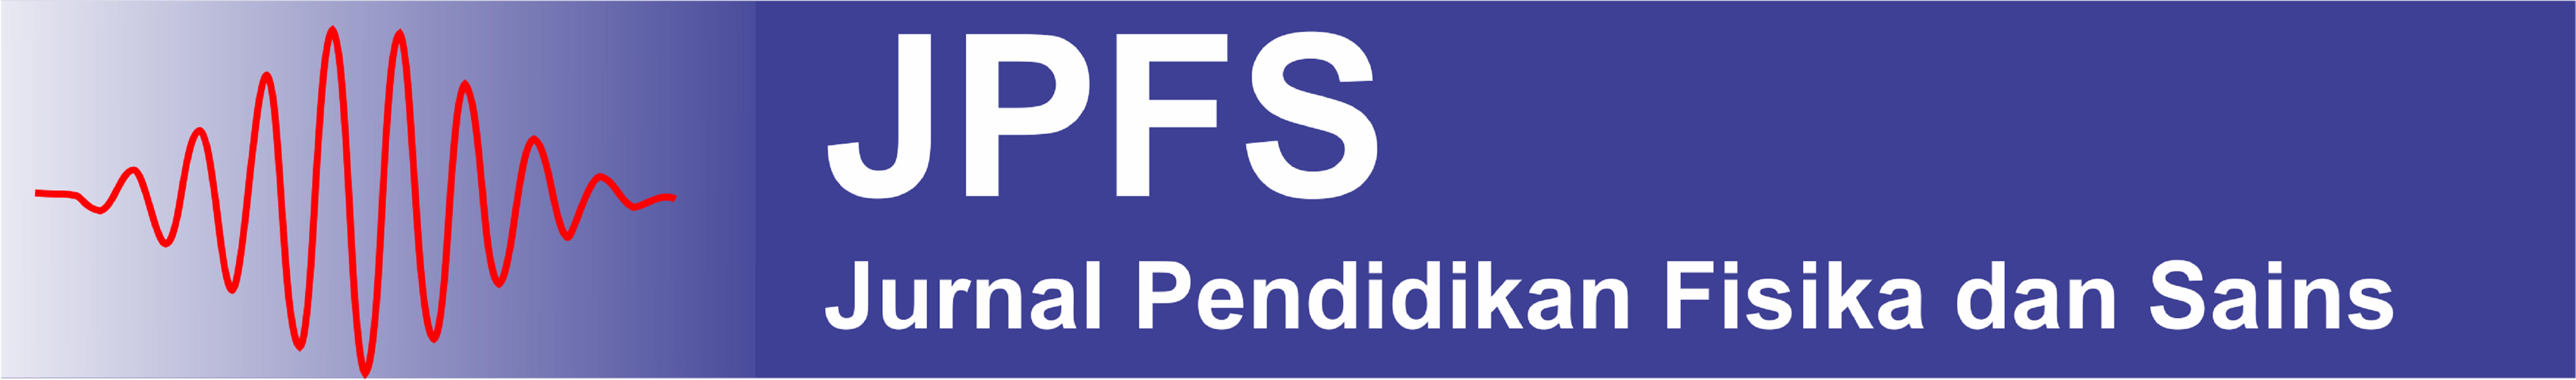 Jurnal Pendidikan Fisika dan Sains (JPFS)